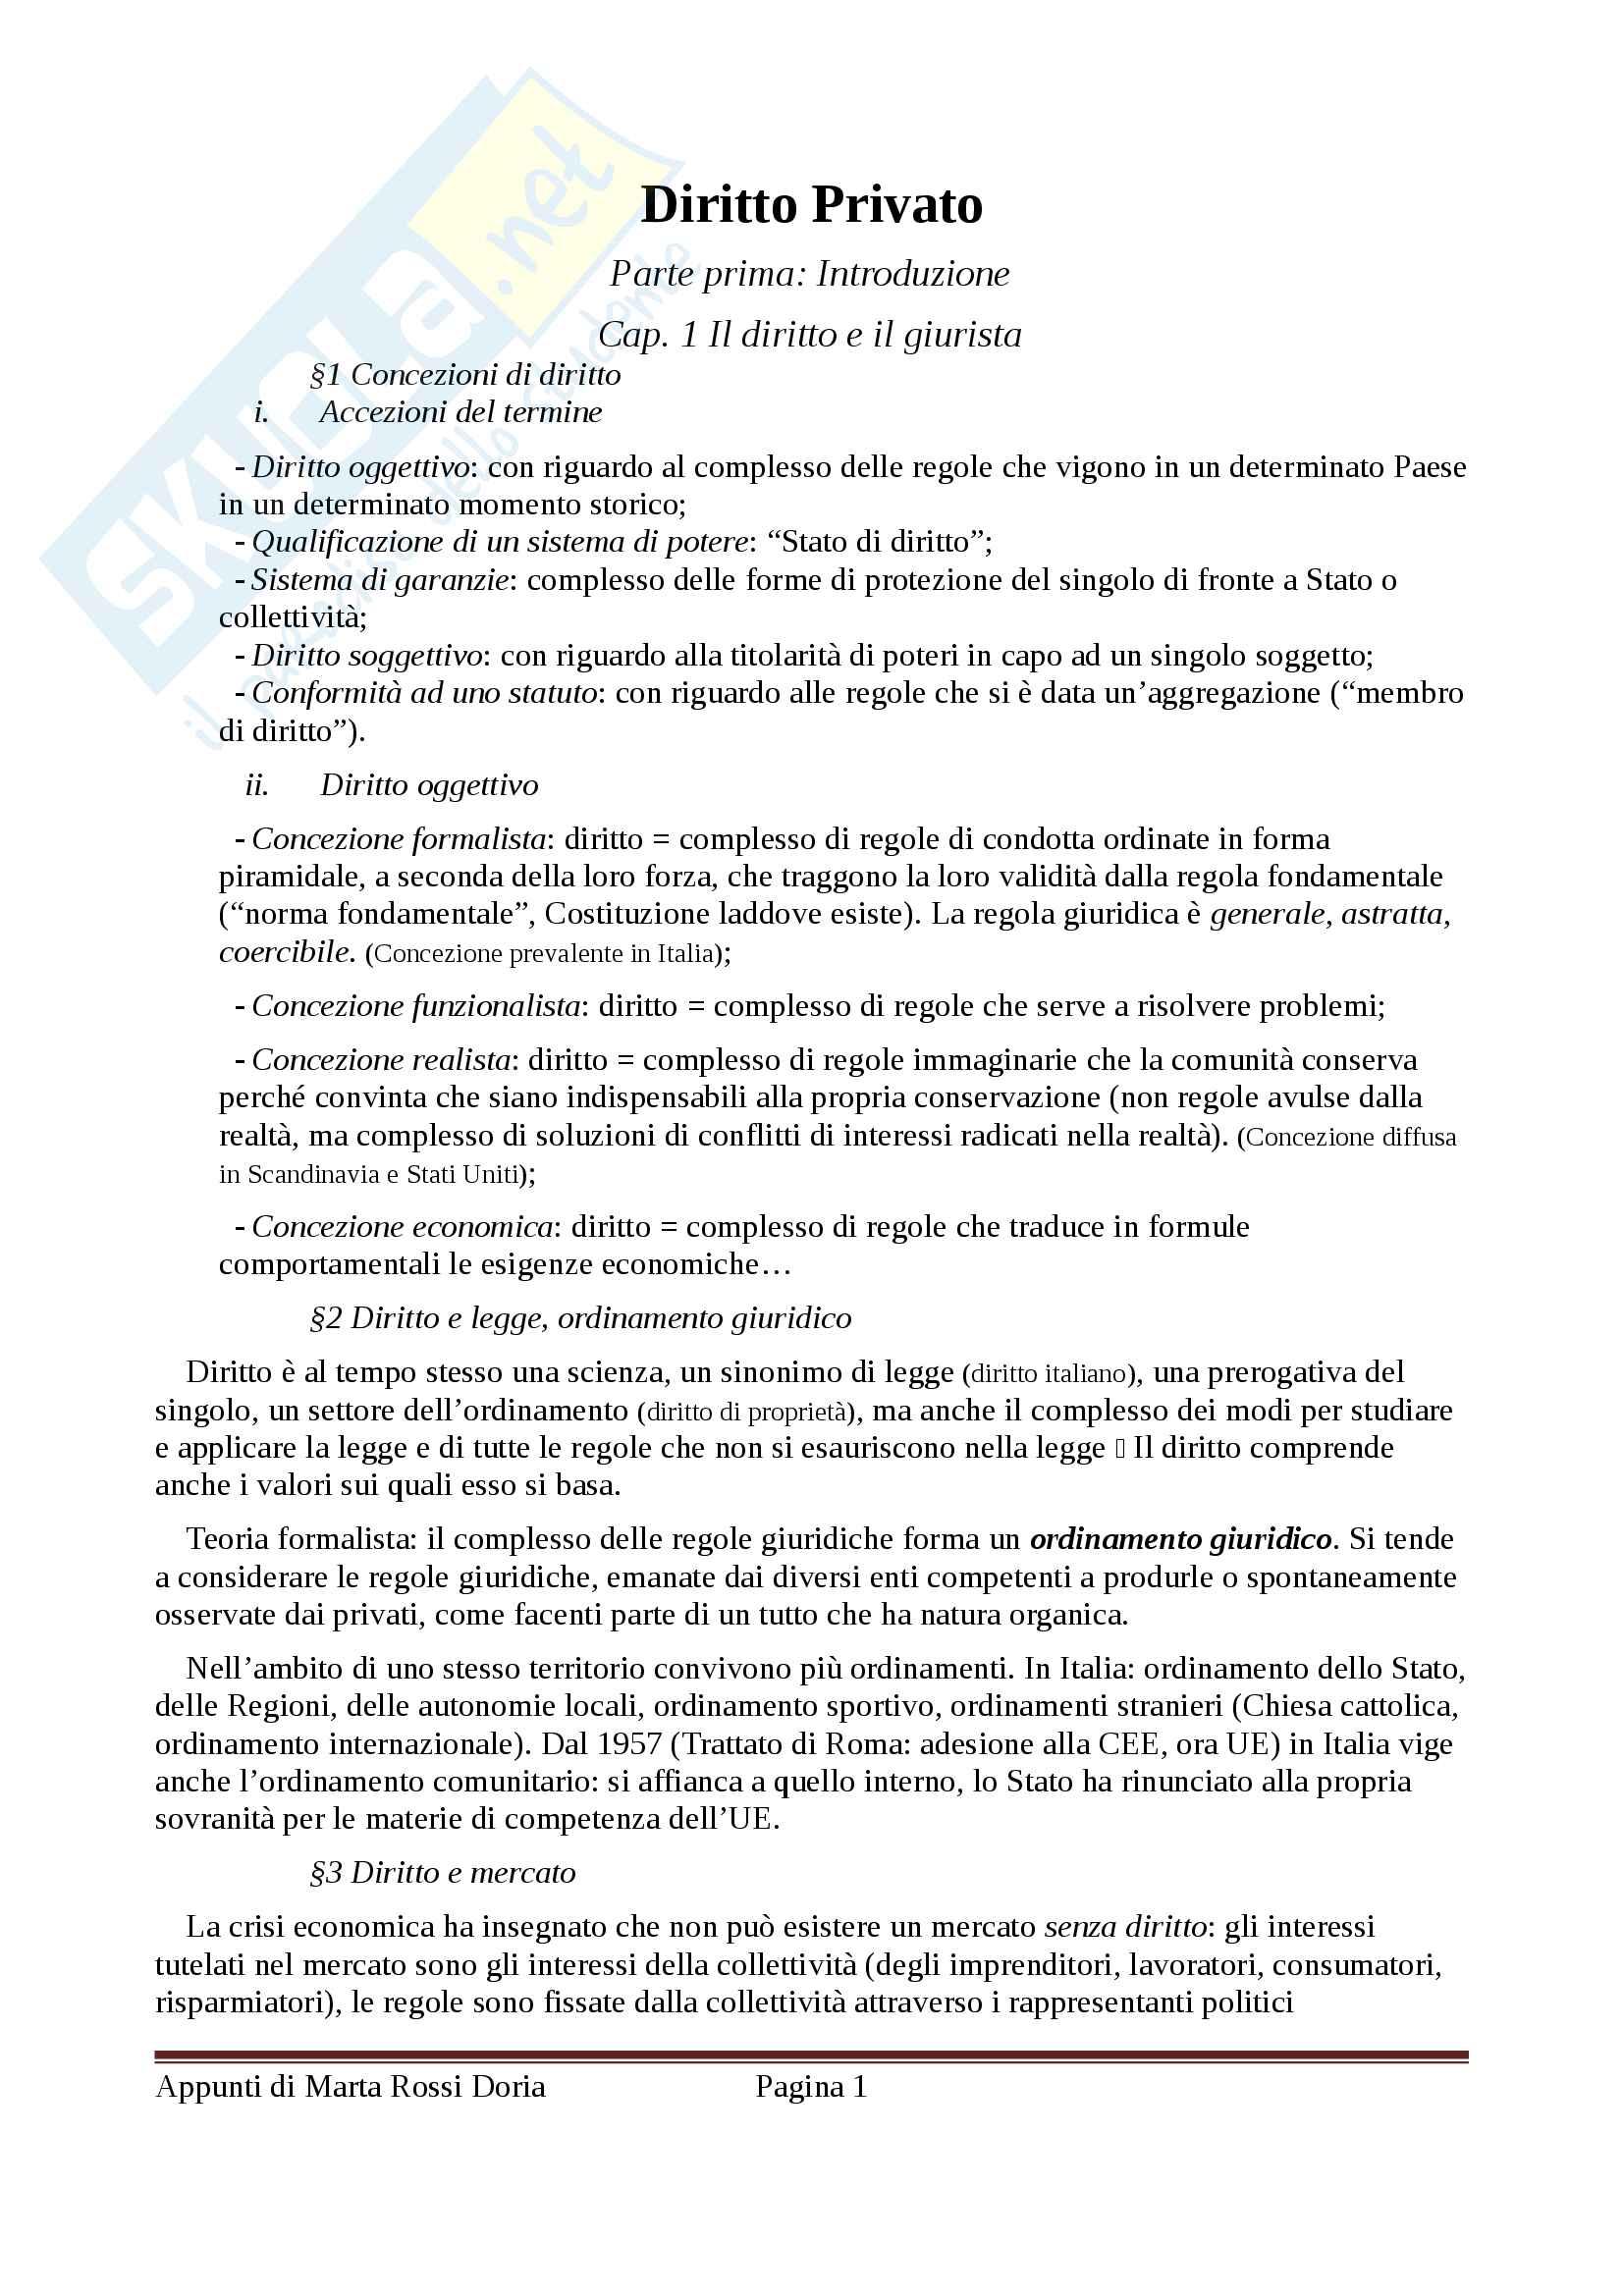 Riassunto esame Diritto Privato, docente Di Porto, libro consigliato Manuale di Diritto Privato, Alpa, integrato con il Torrente-Schlesinger